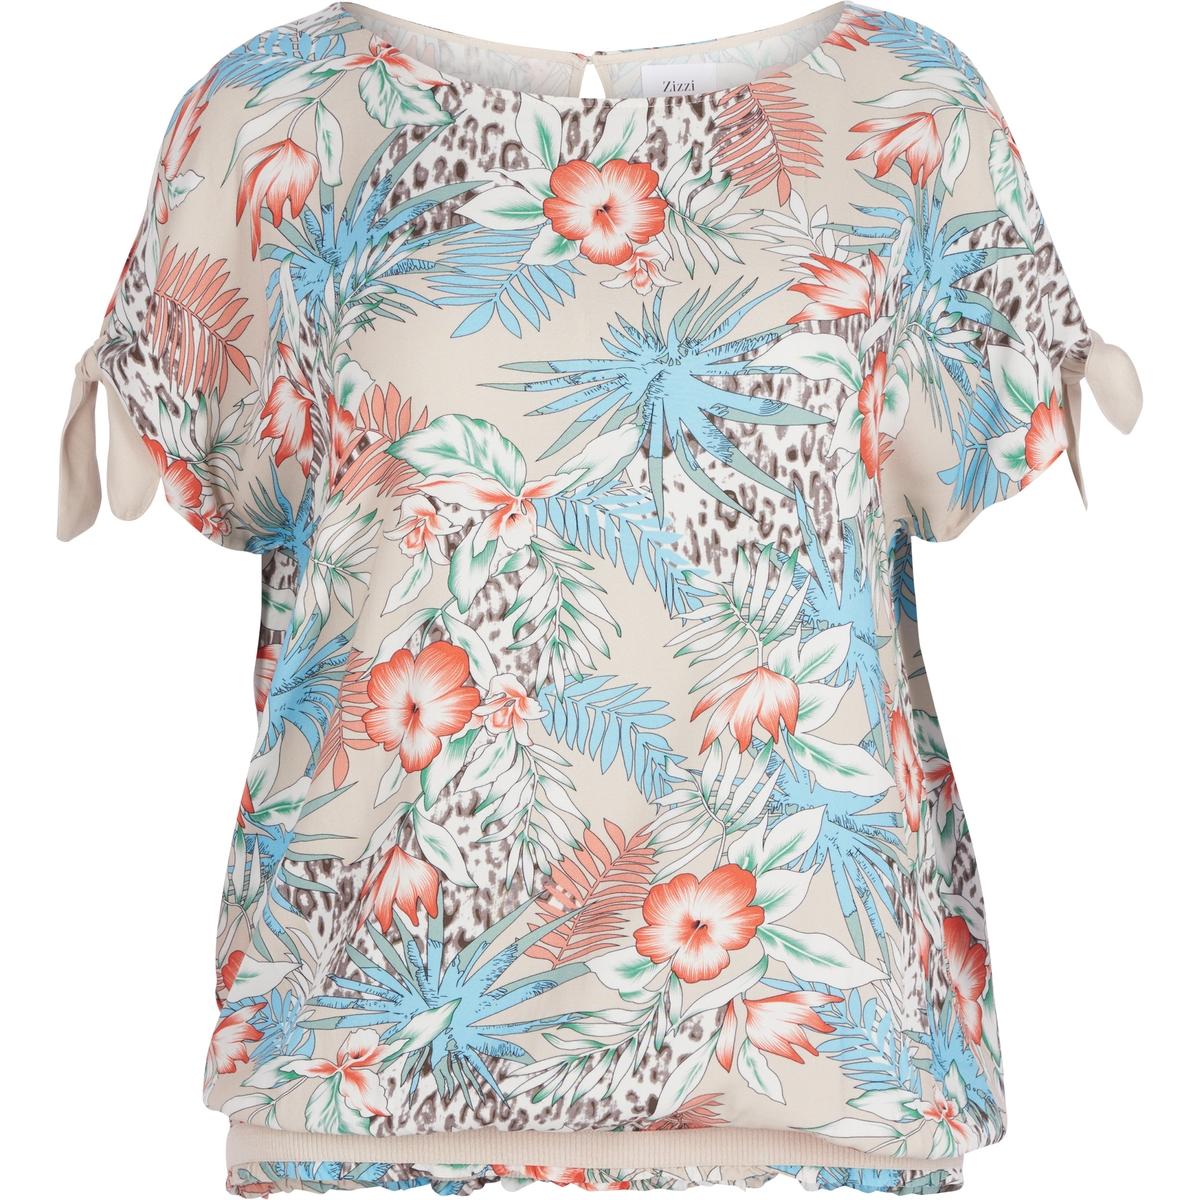 БлузкаБлузка с принтом ZIZZI . Короткие рукава. Красивый вырез на спине. 100% вискоза<br><br>Цвет: набивной рисунок,цветочный рисунок